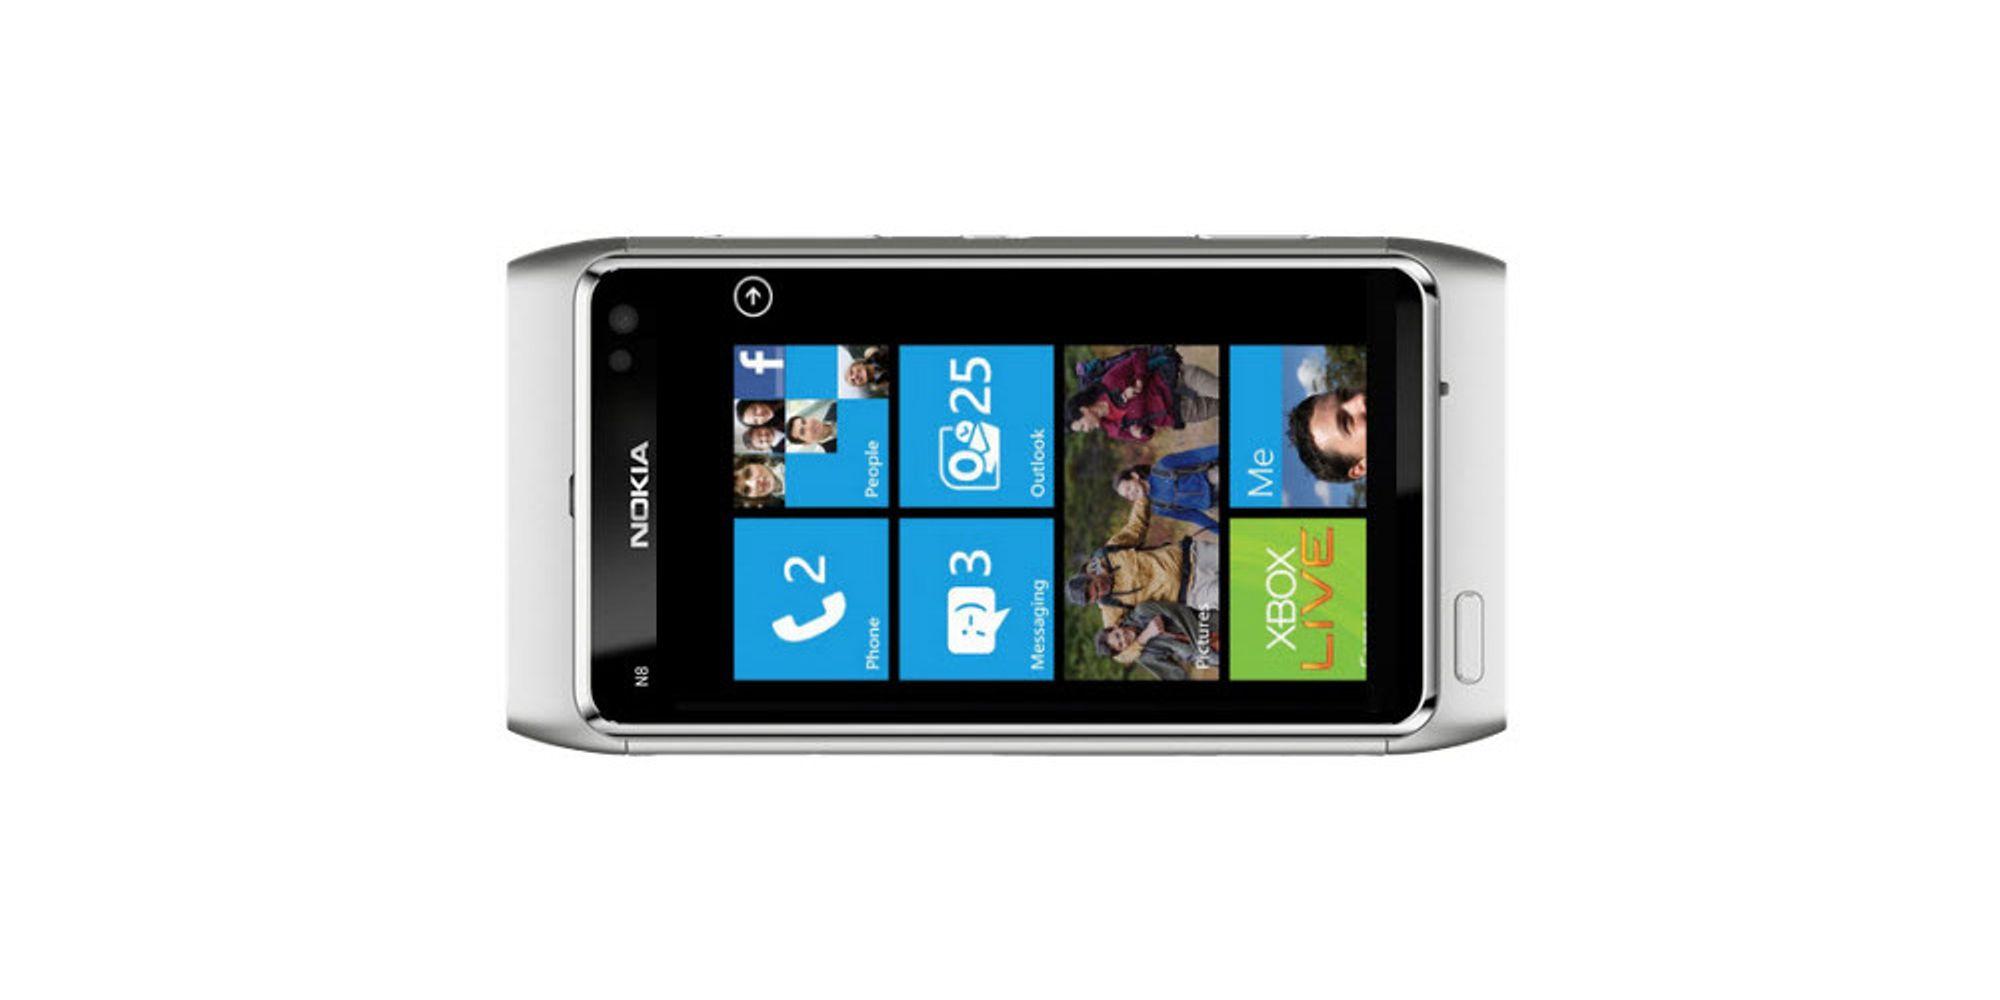 Nokia-telefoner med Windows Phone 7 på vei?